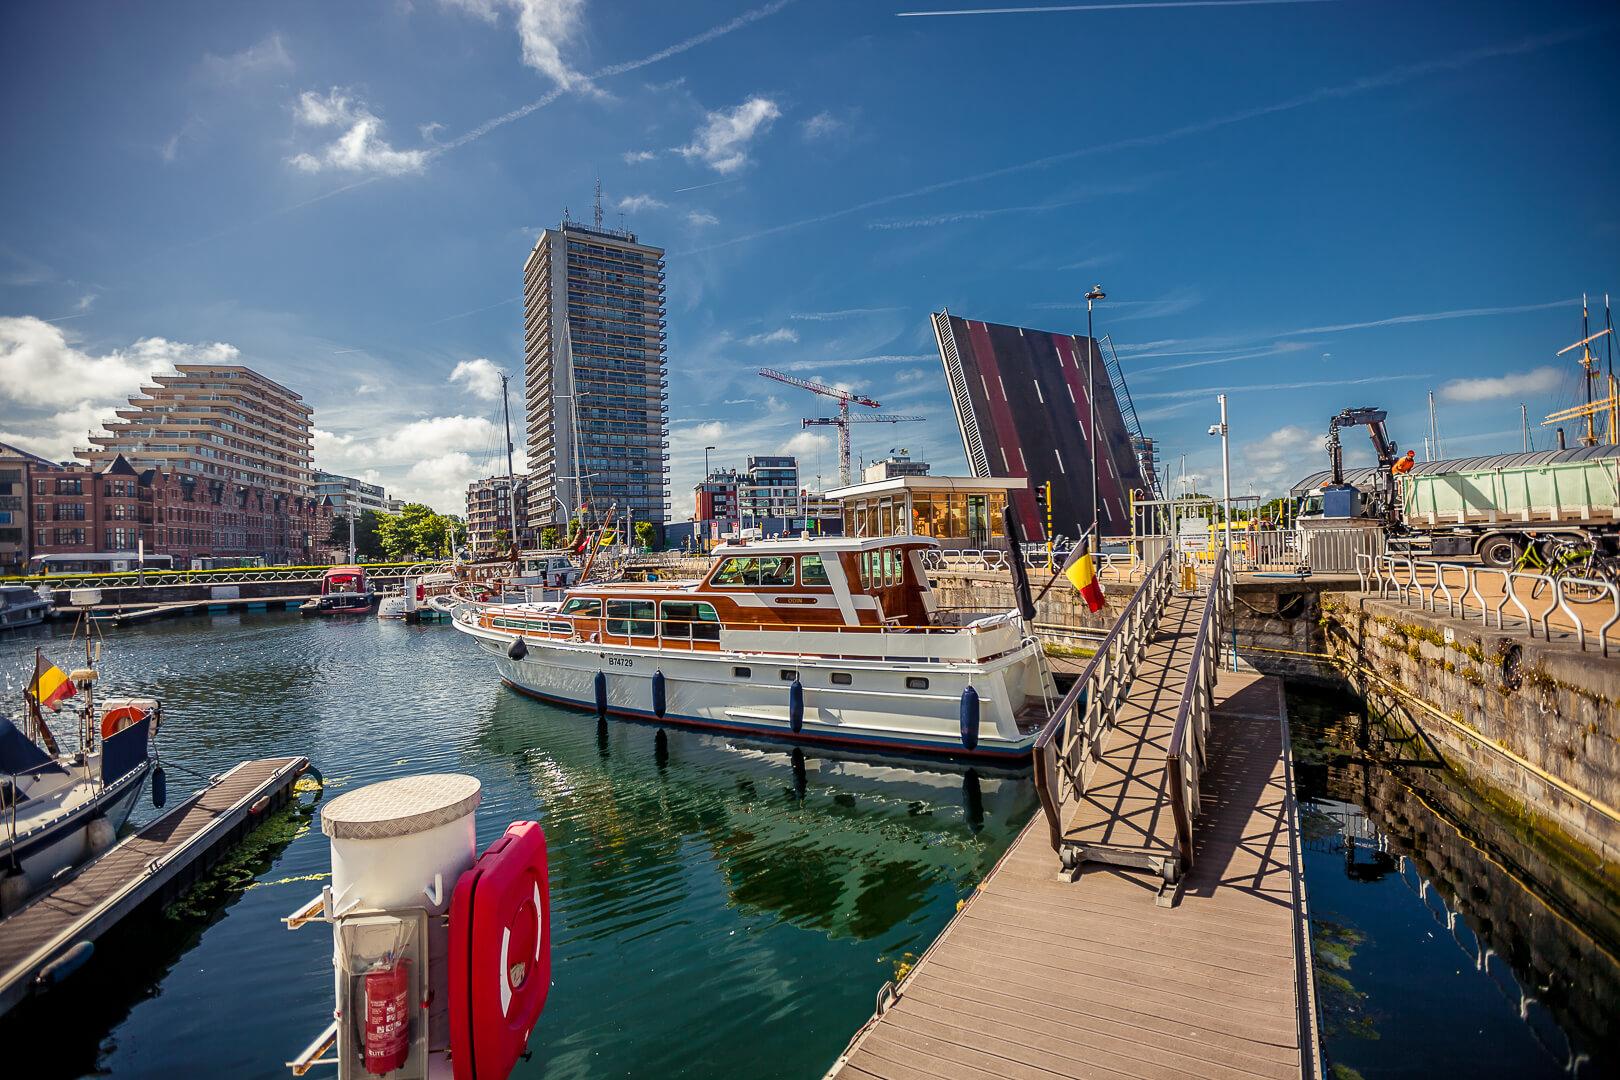 Порт. г. Остенде, Бельгия.